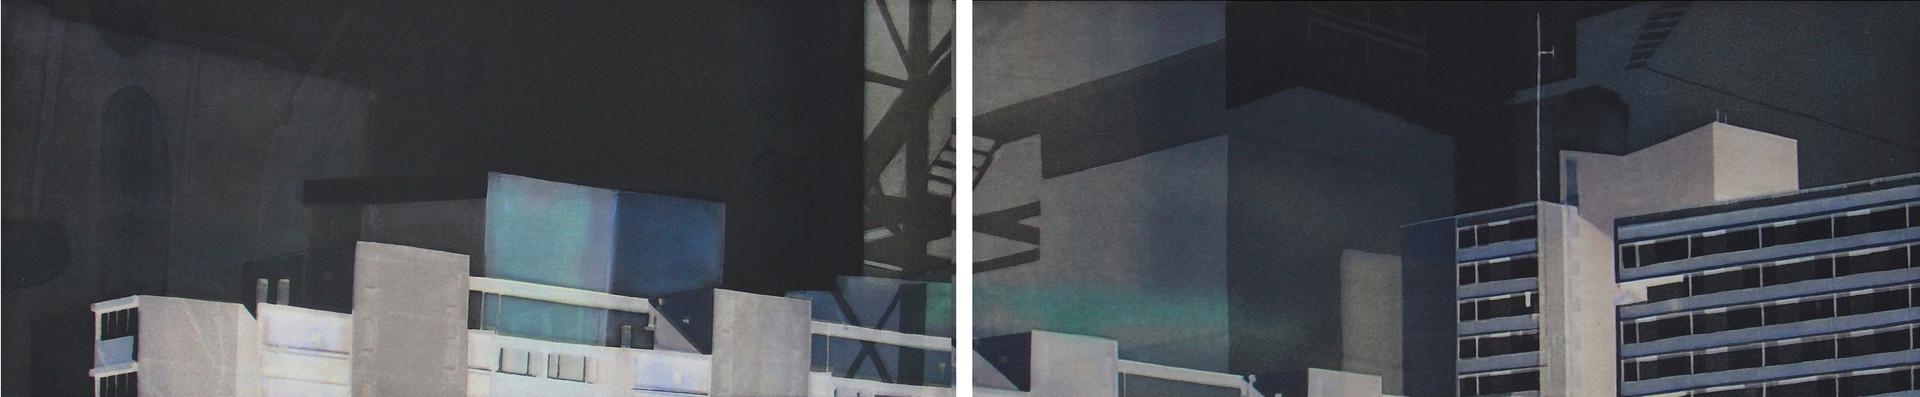 Silo (zweiteilig), 2004